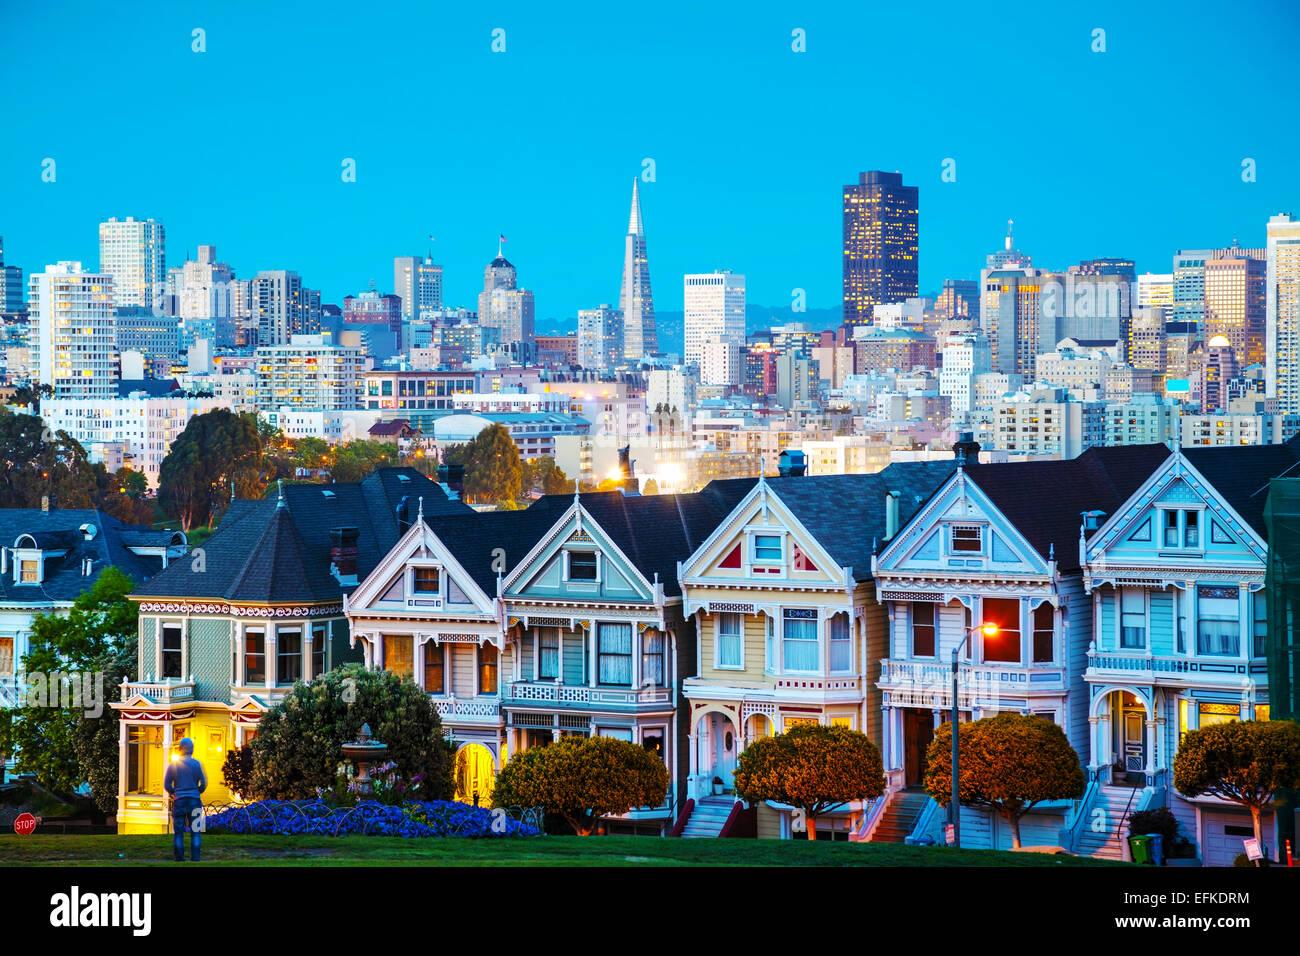 San Francisco Stadtbild mit der Painted Ladies von Alamo Square Park aus gesehen Stockbild